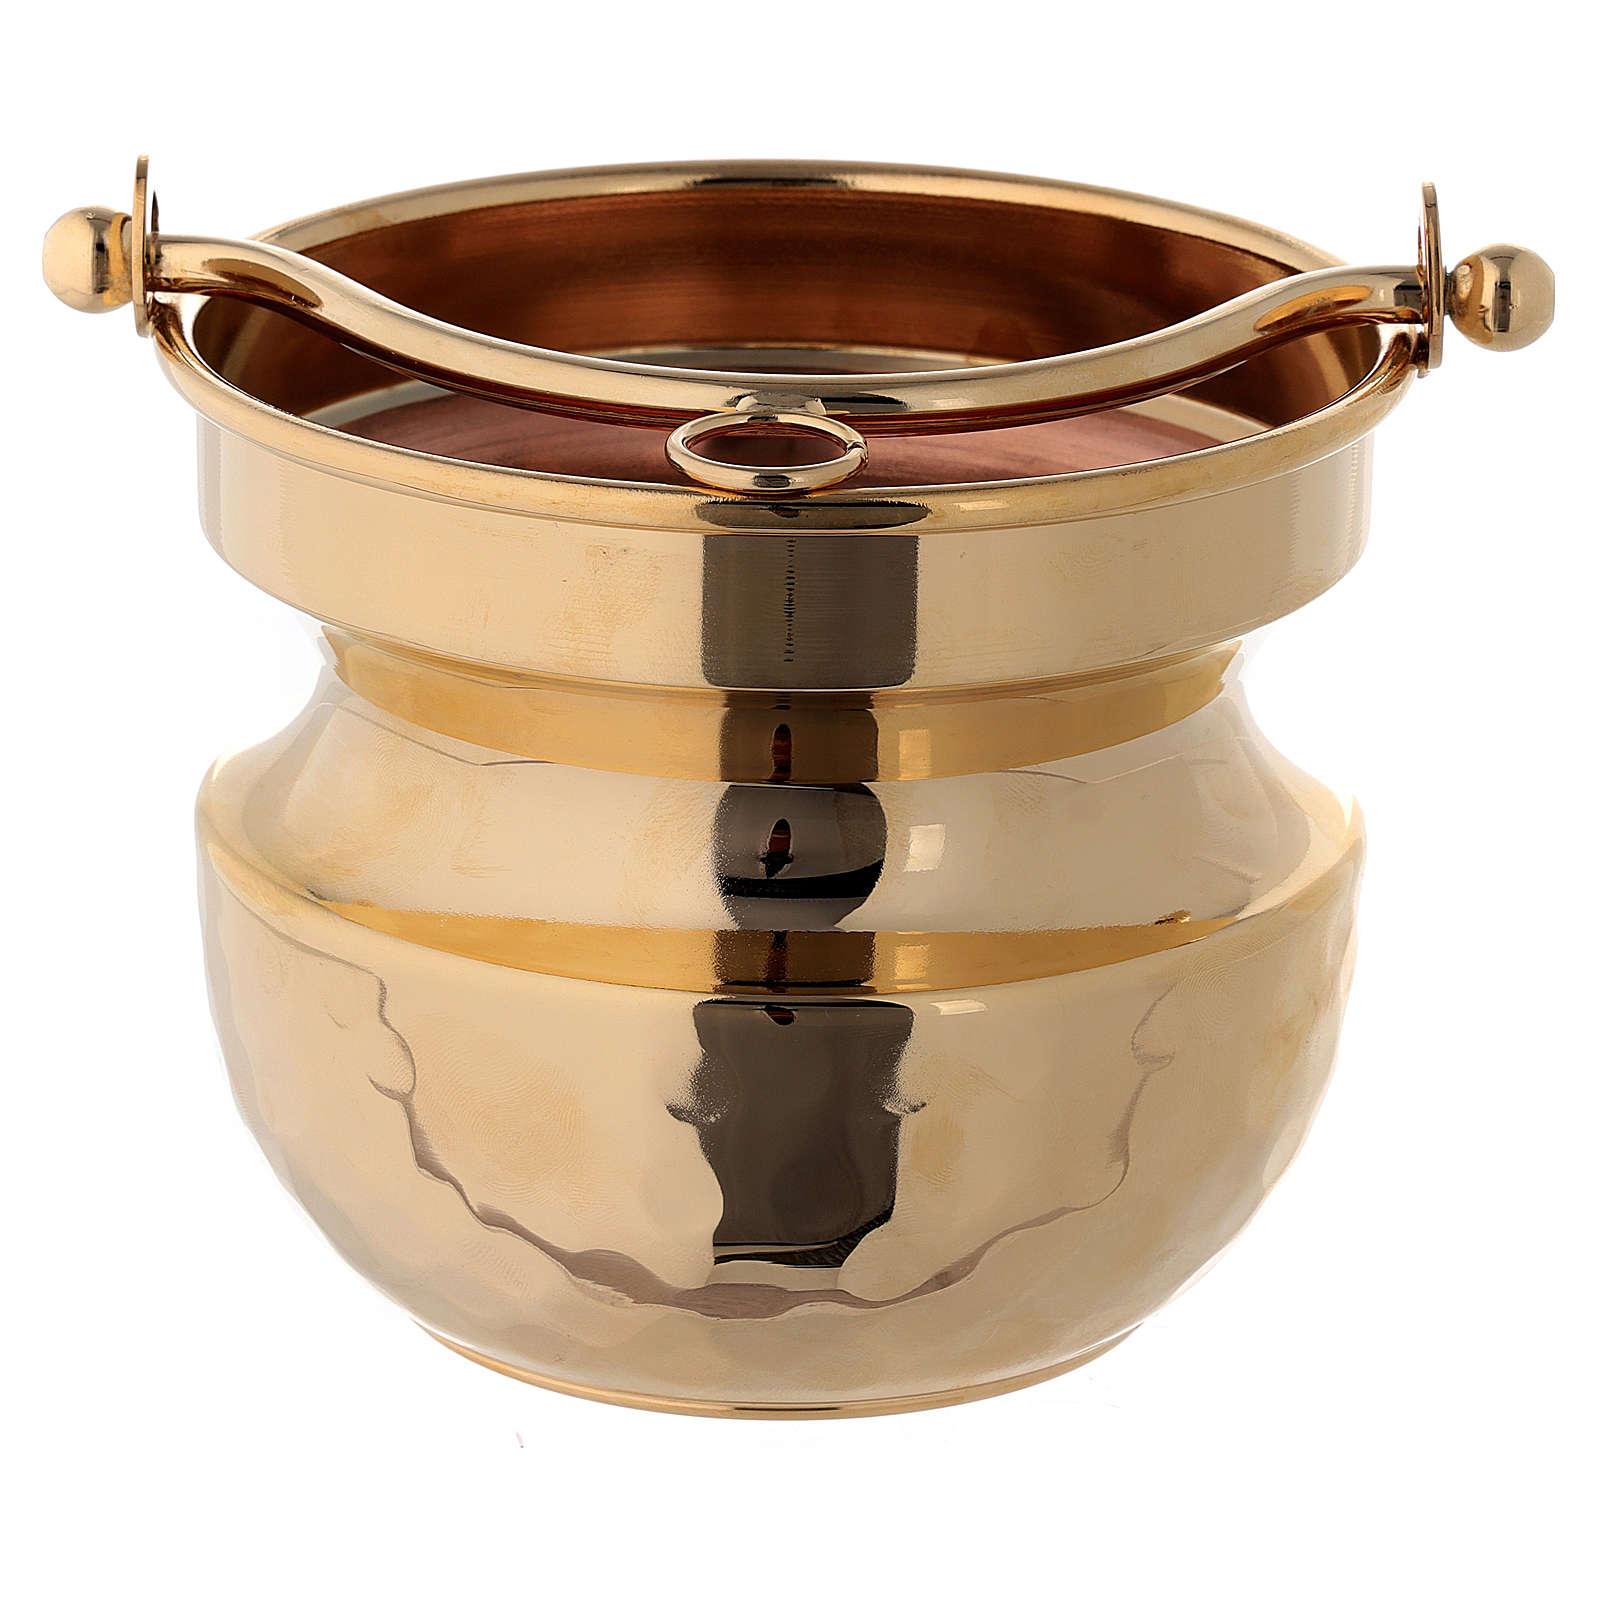 Secchiello martellato per acqua santa ottone dorato 24k 3